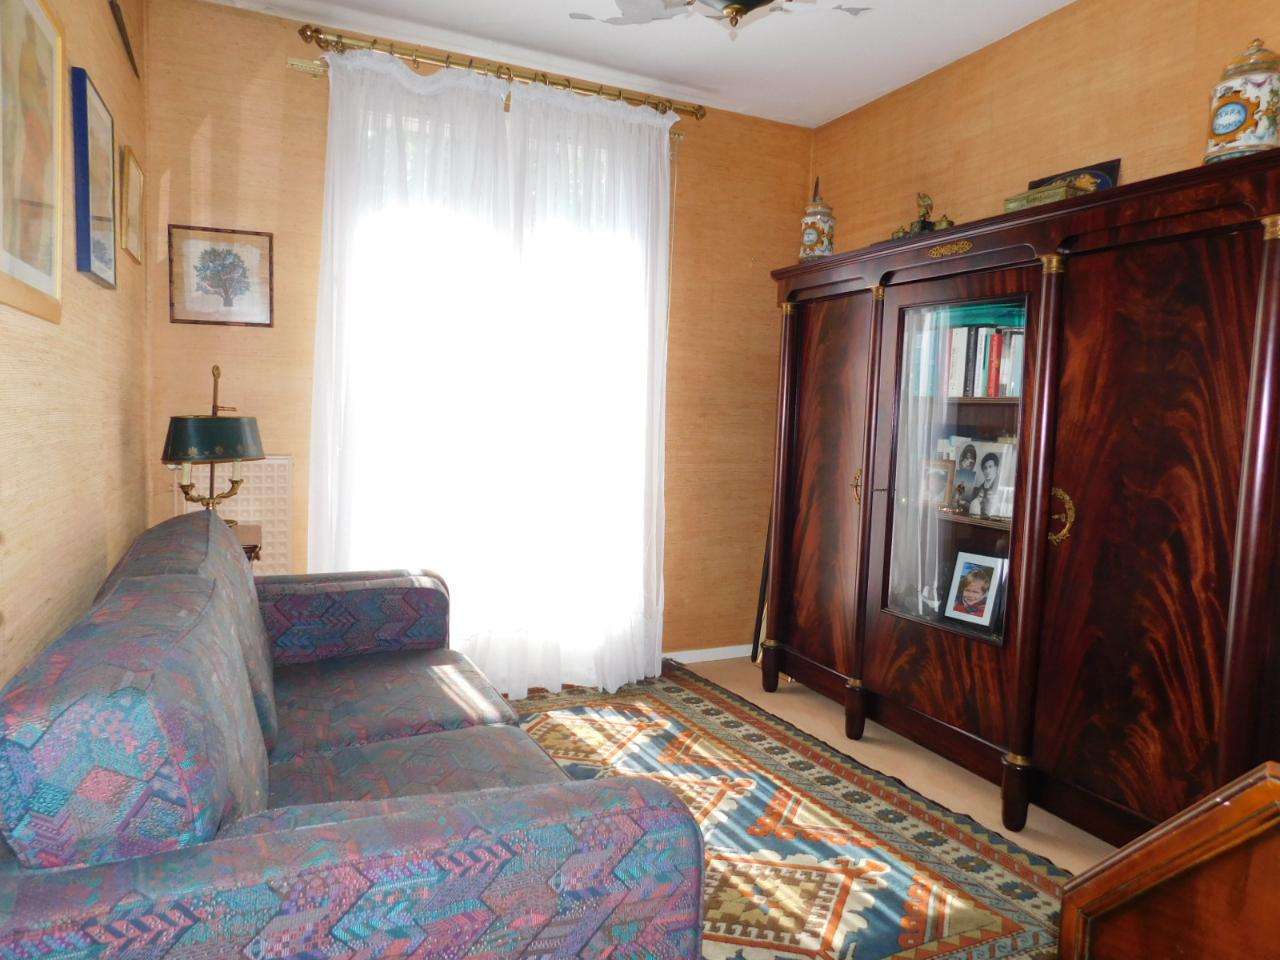 Vente appartement T4  à SAINT JEAN DE LUZ - 6